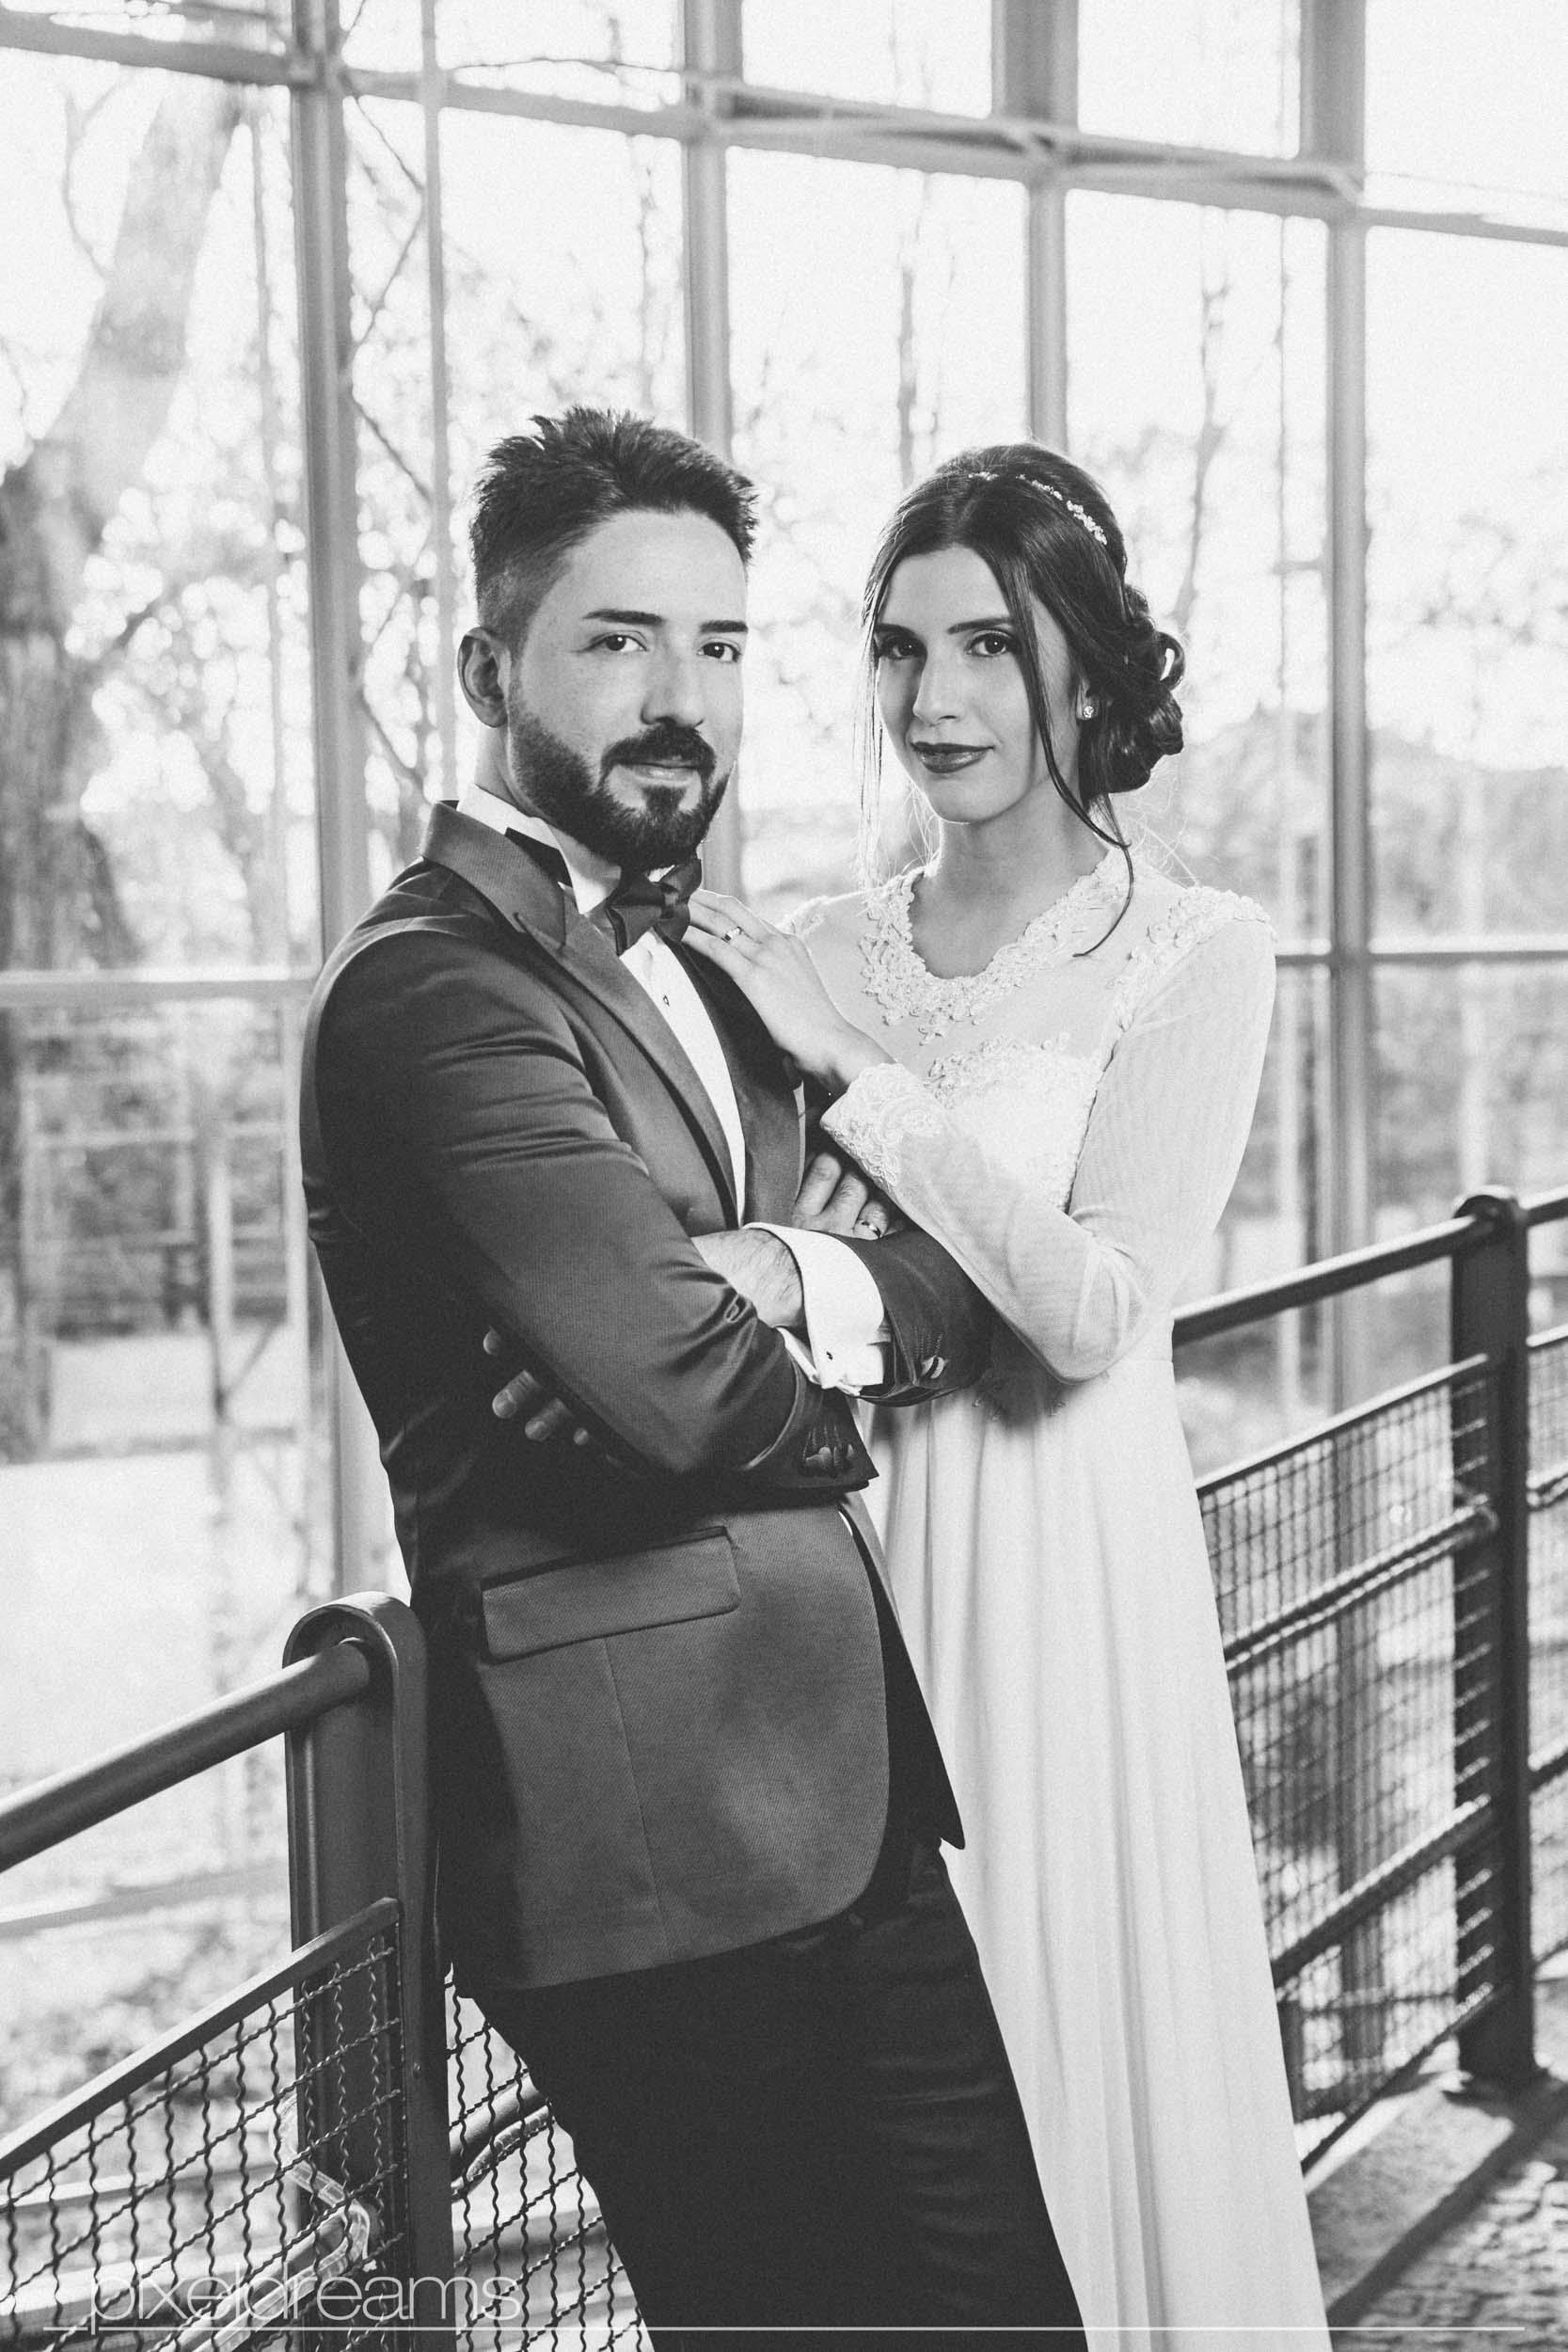 standesamt fotograf fotoshooting Luedenscheid Brautpaar liebe hochzeitsfotograf Geschichtsmuseum der Stadt Lüdenscheid Lokomotive Schwarzweiss